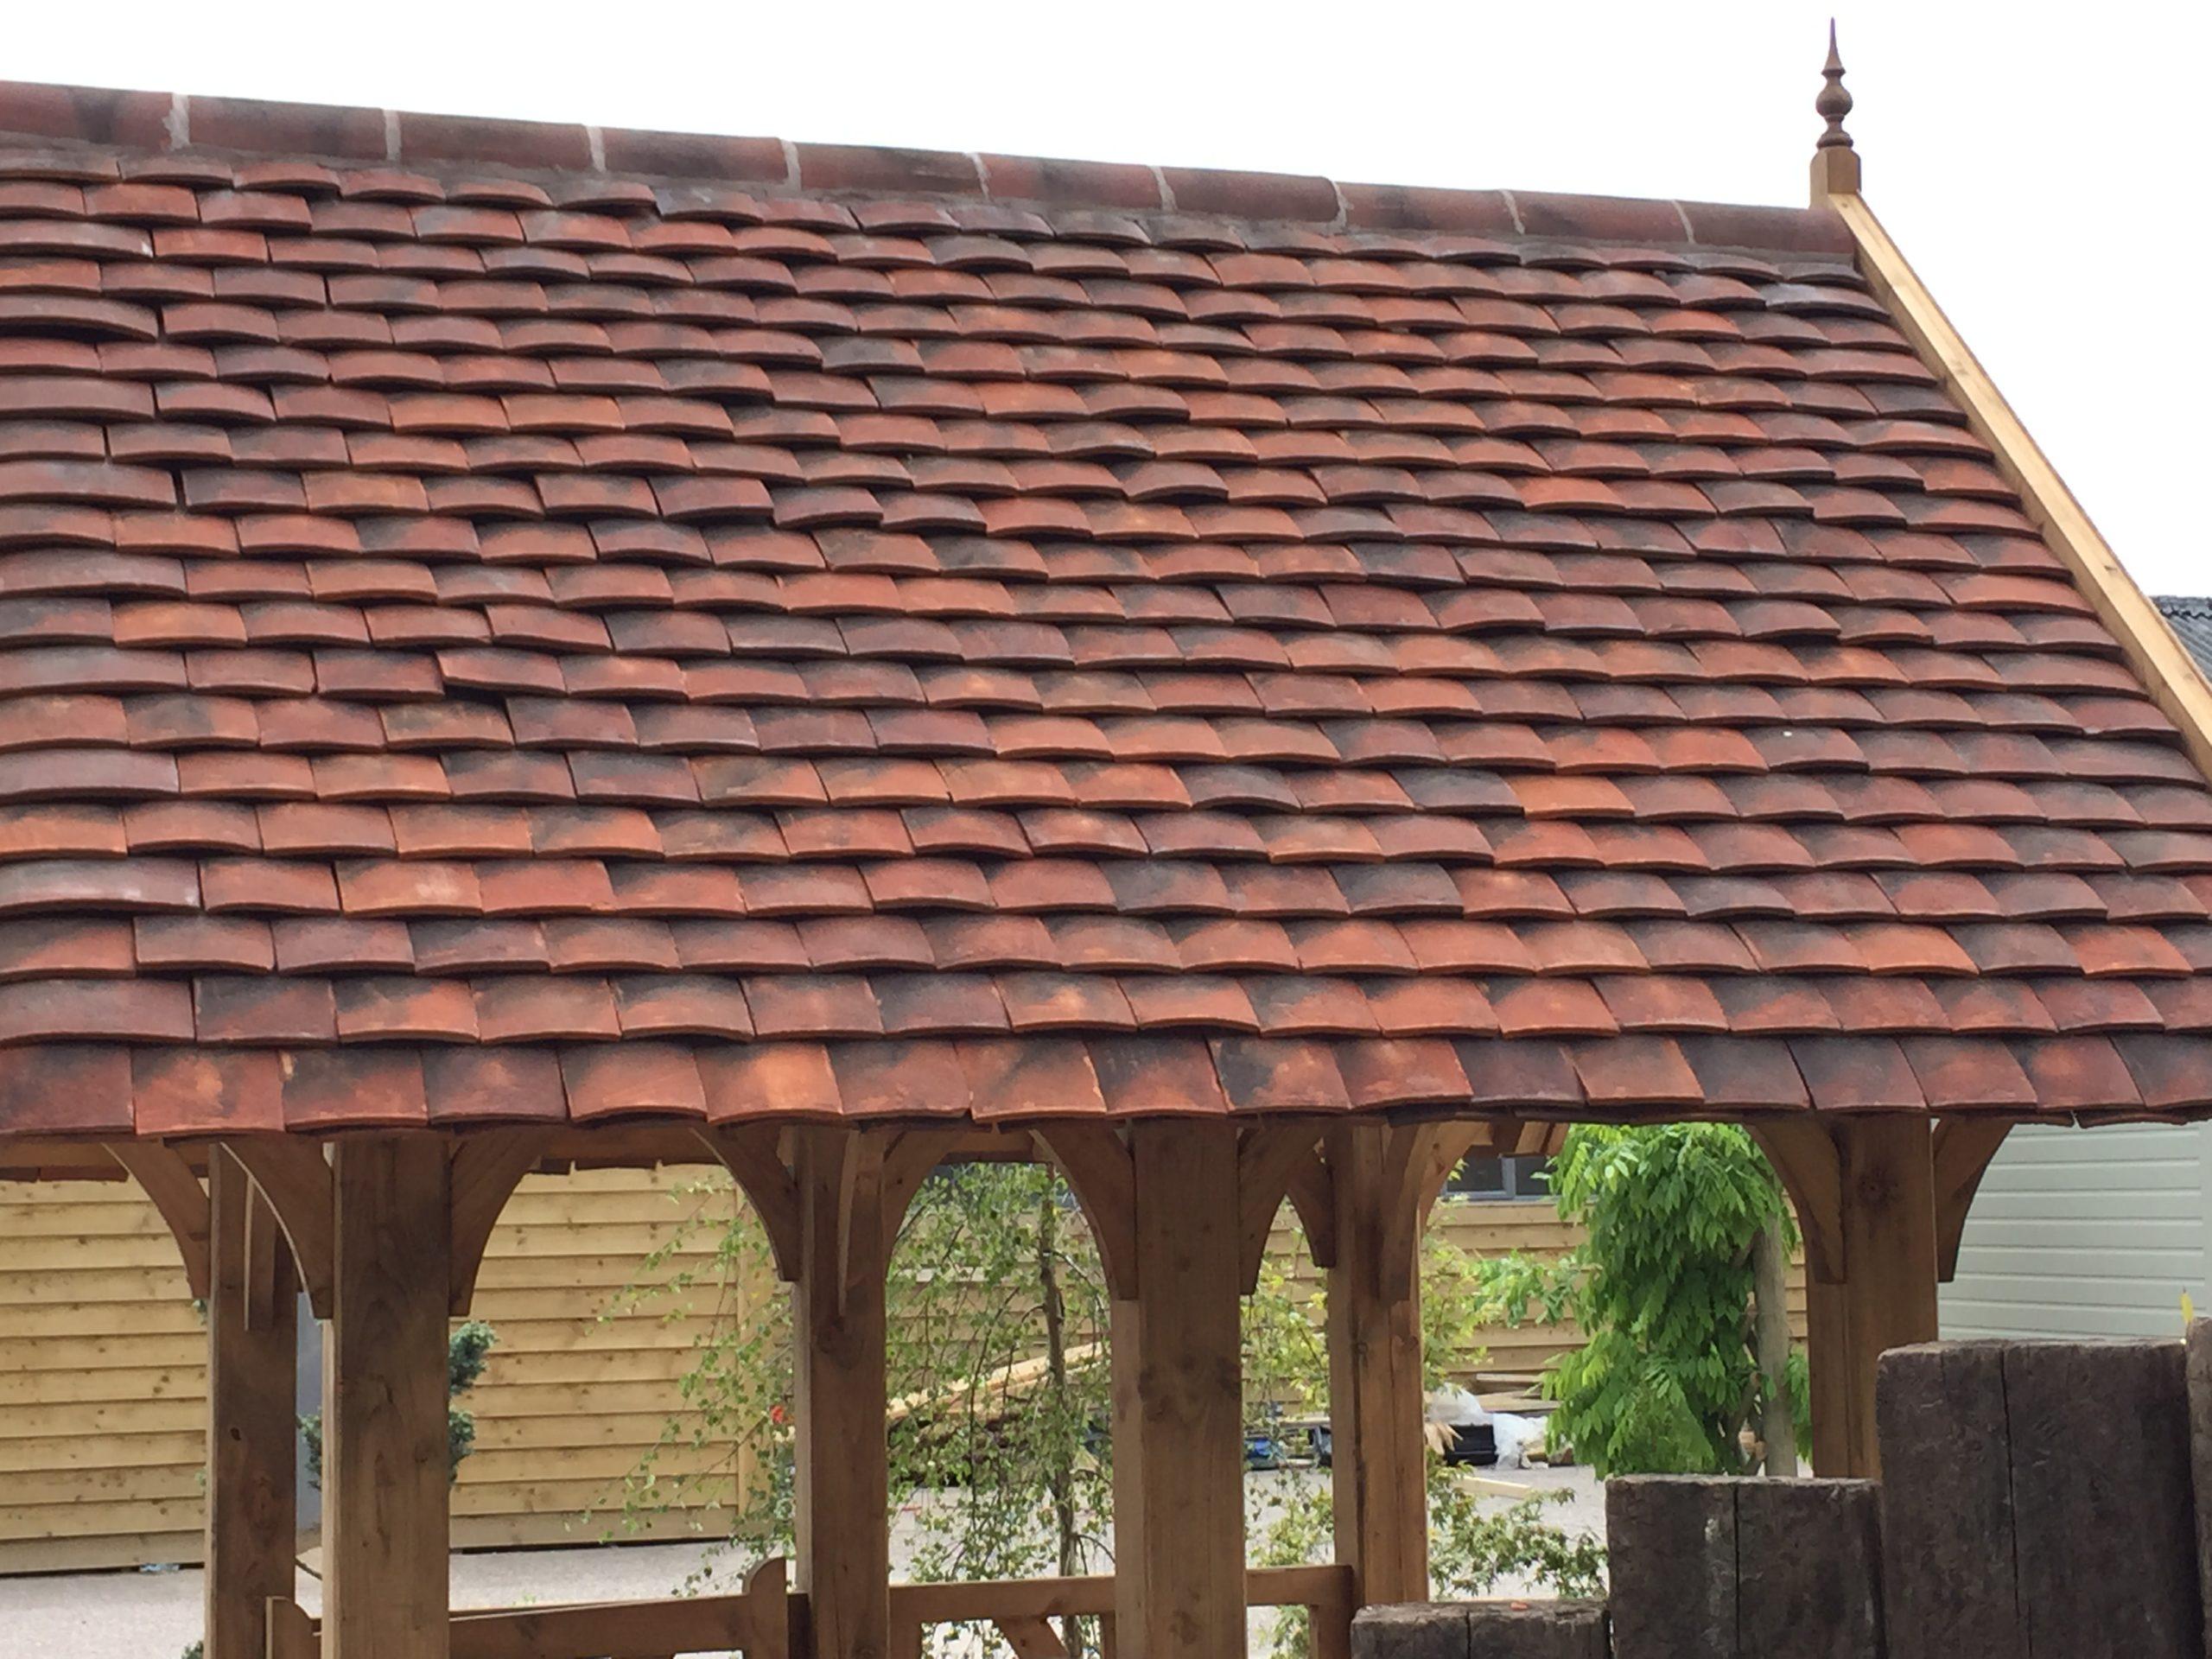 Red roof tiles handmade